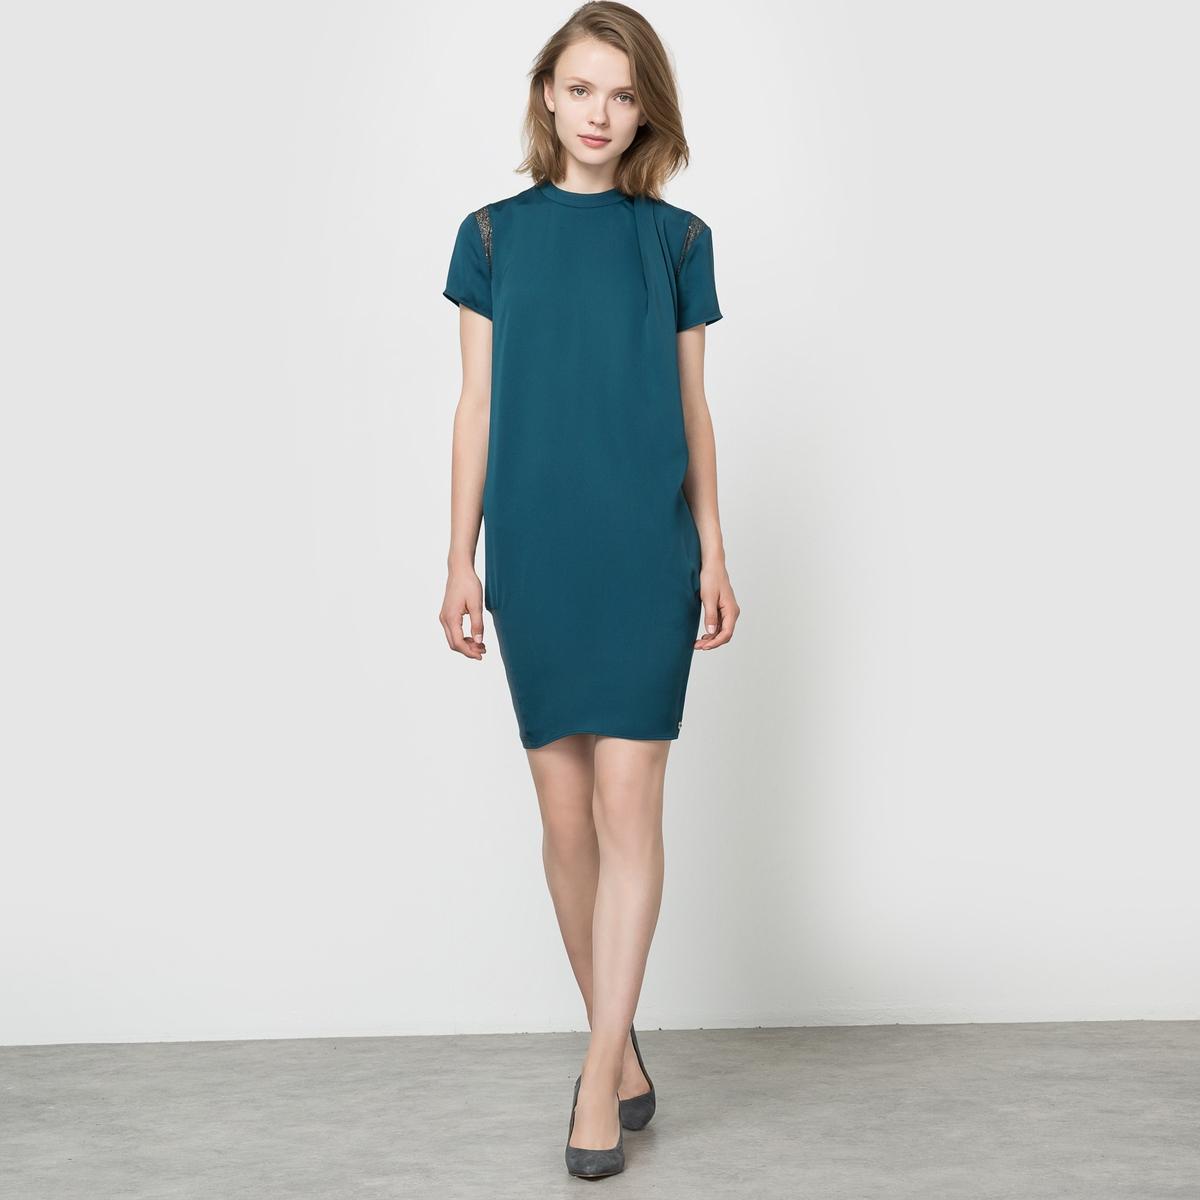 Платье с короткими рукавамиСостав и описаниеМарка : LES PTITES BOMBESМатериал : 100% полиэстера. Подкладка: 95% вискозы, 5% эластана. Кружево из 100% полиэстера.<br><br>Цвет: сине-зеленый